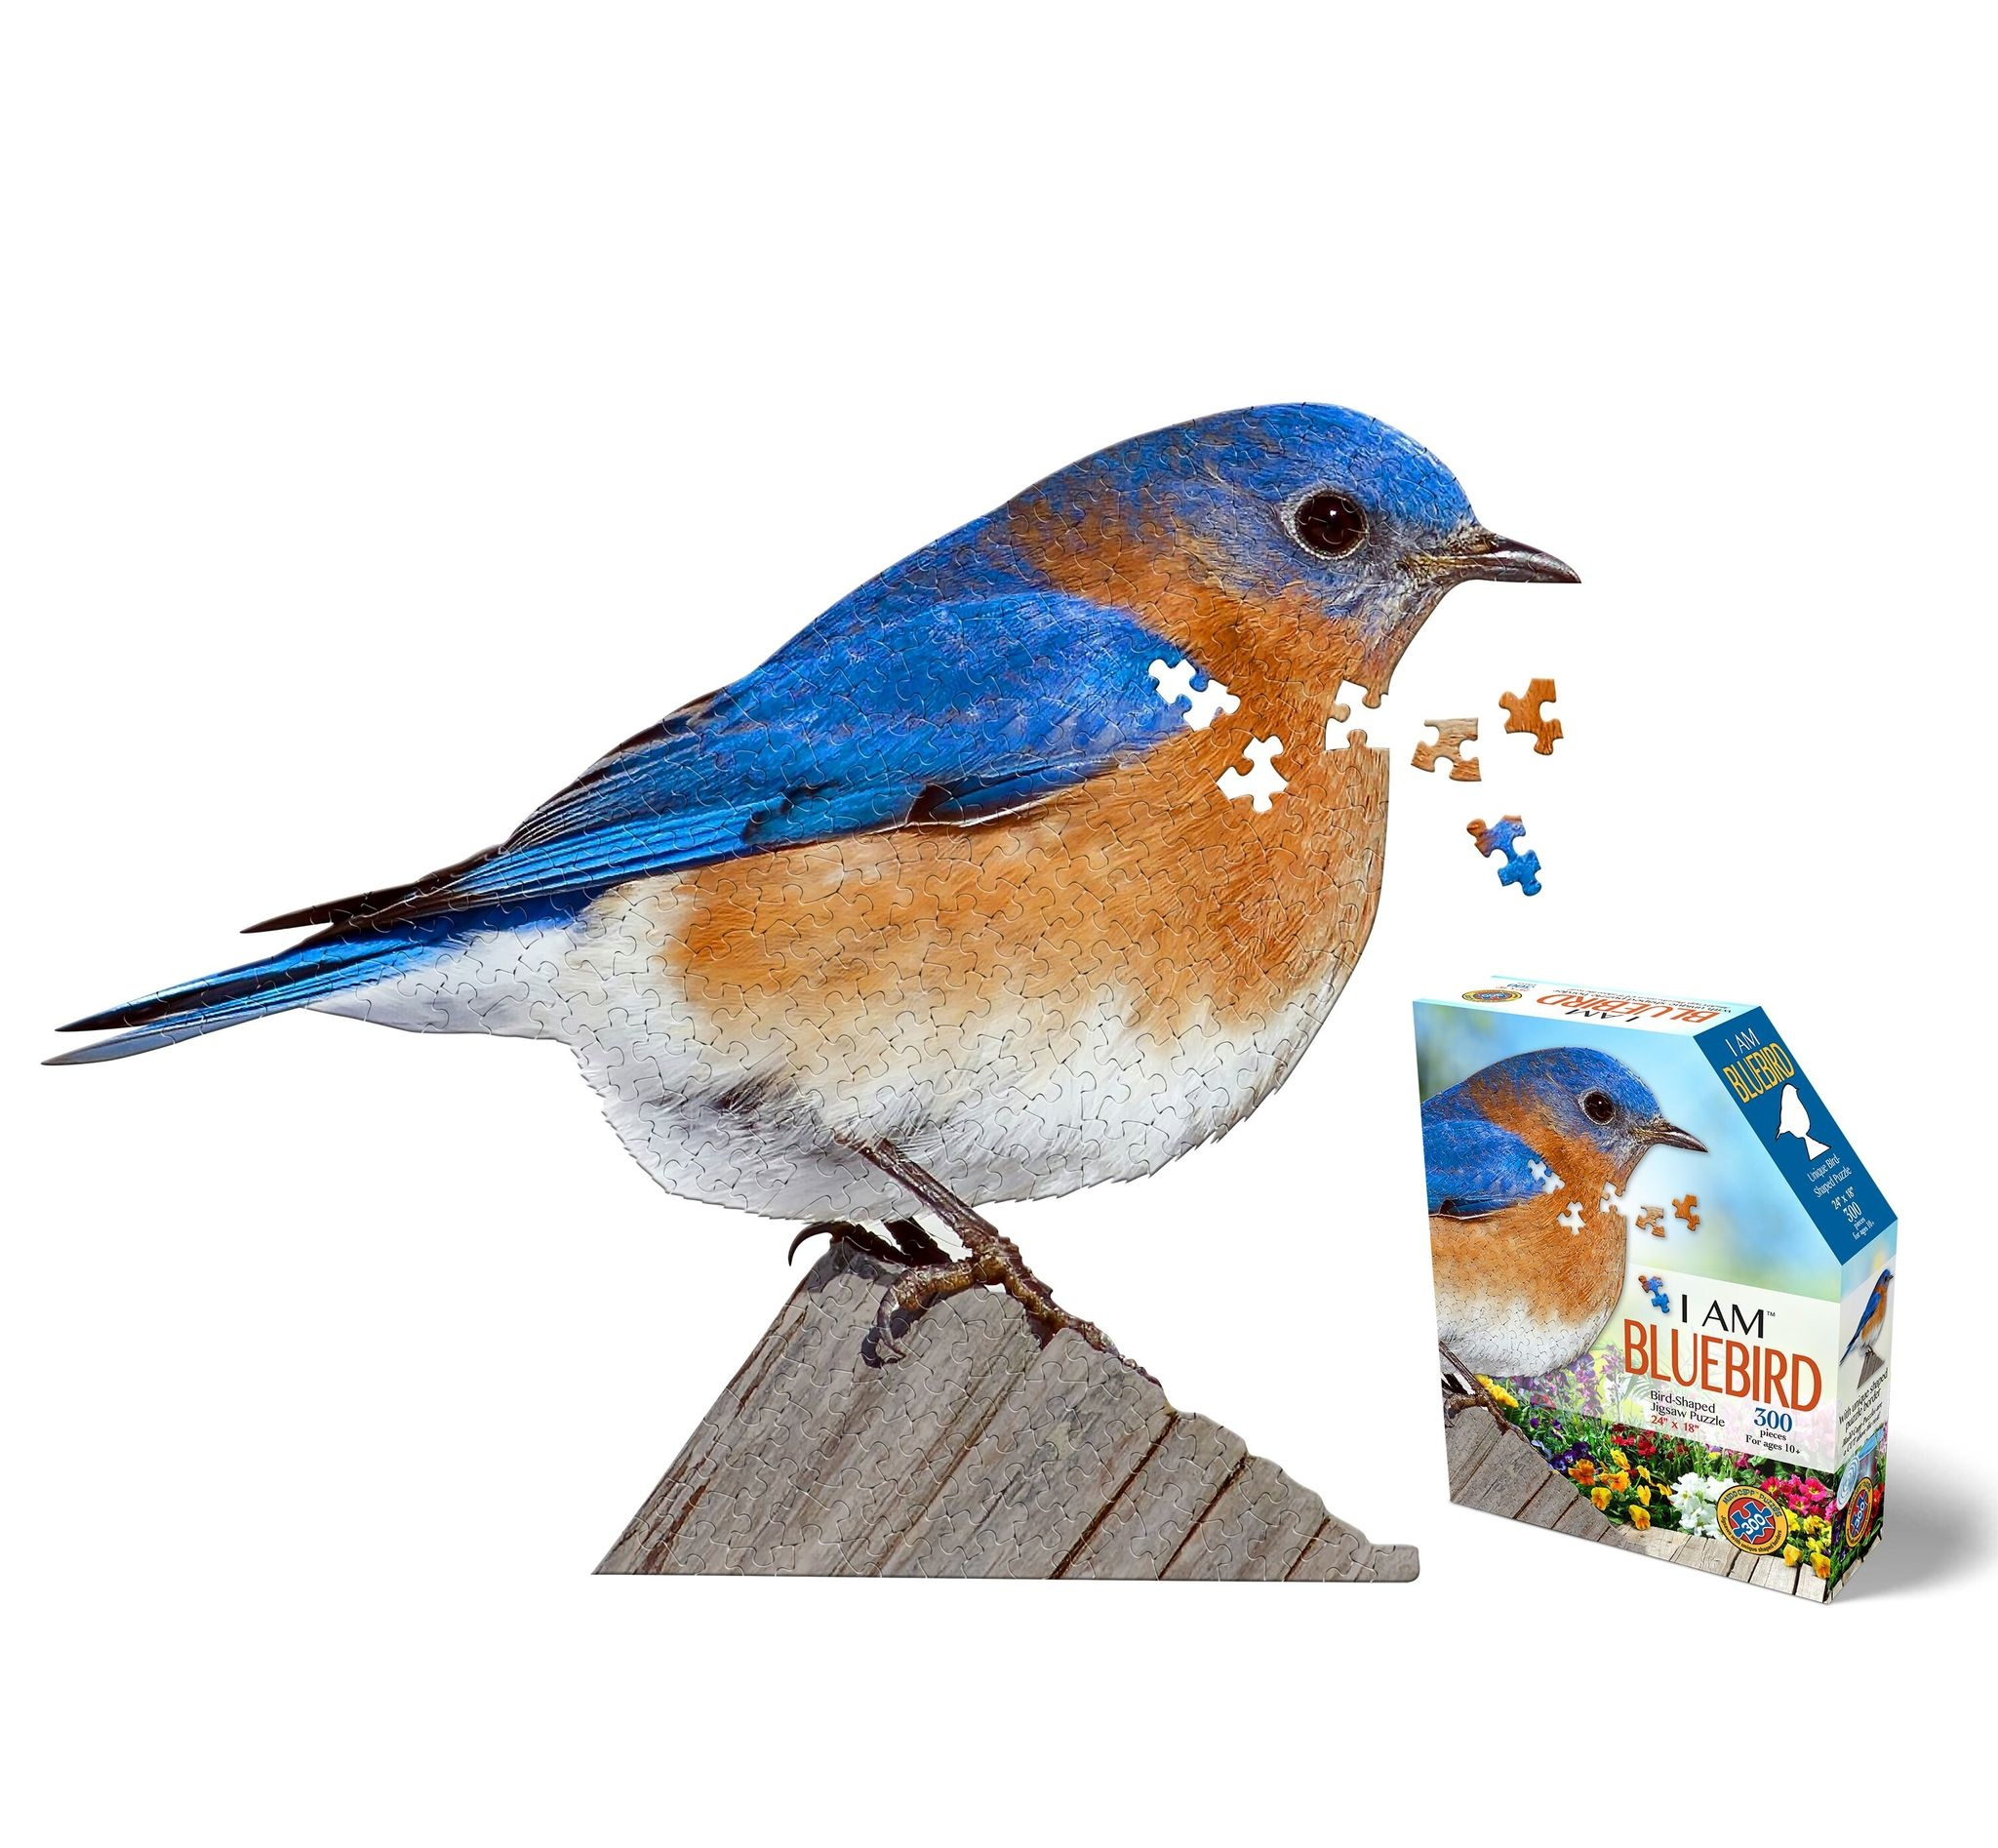 I Am Bluebird